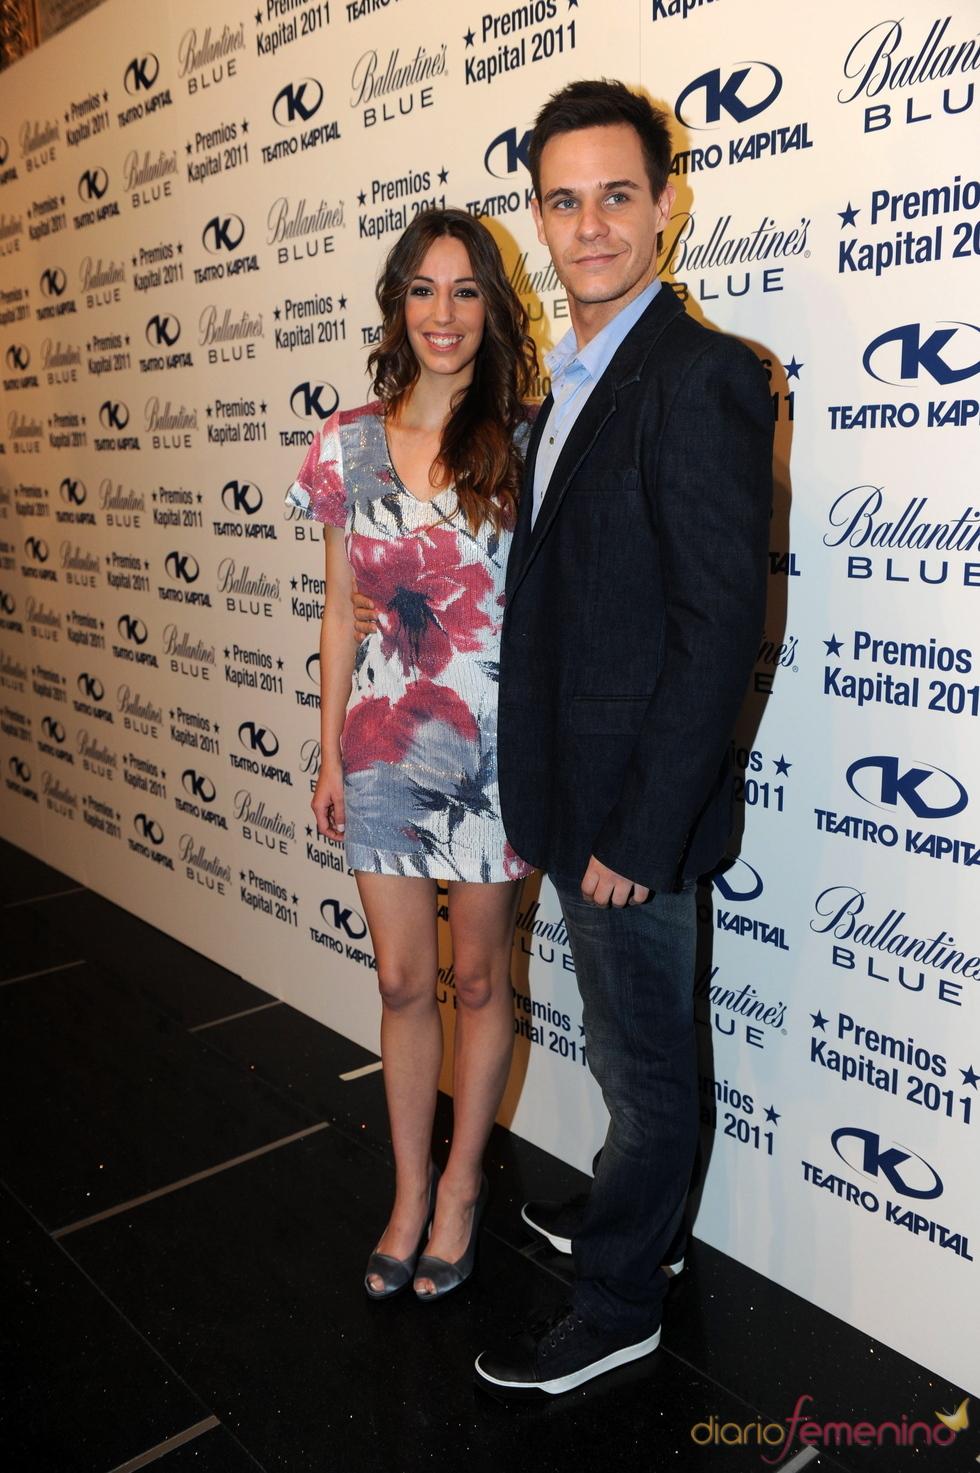 Christian Gálvez y Almudena Cid en los Premios Kapital 2011